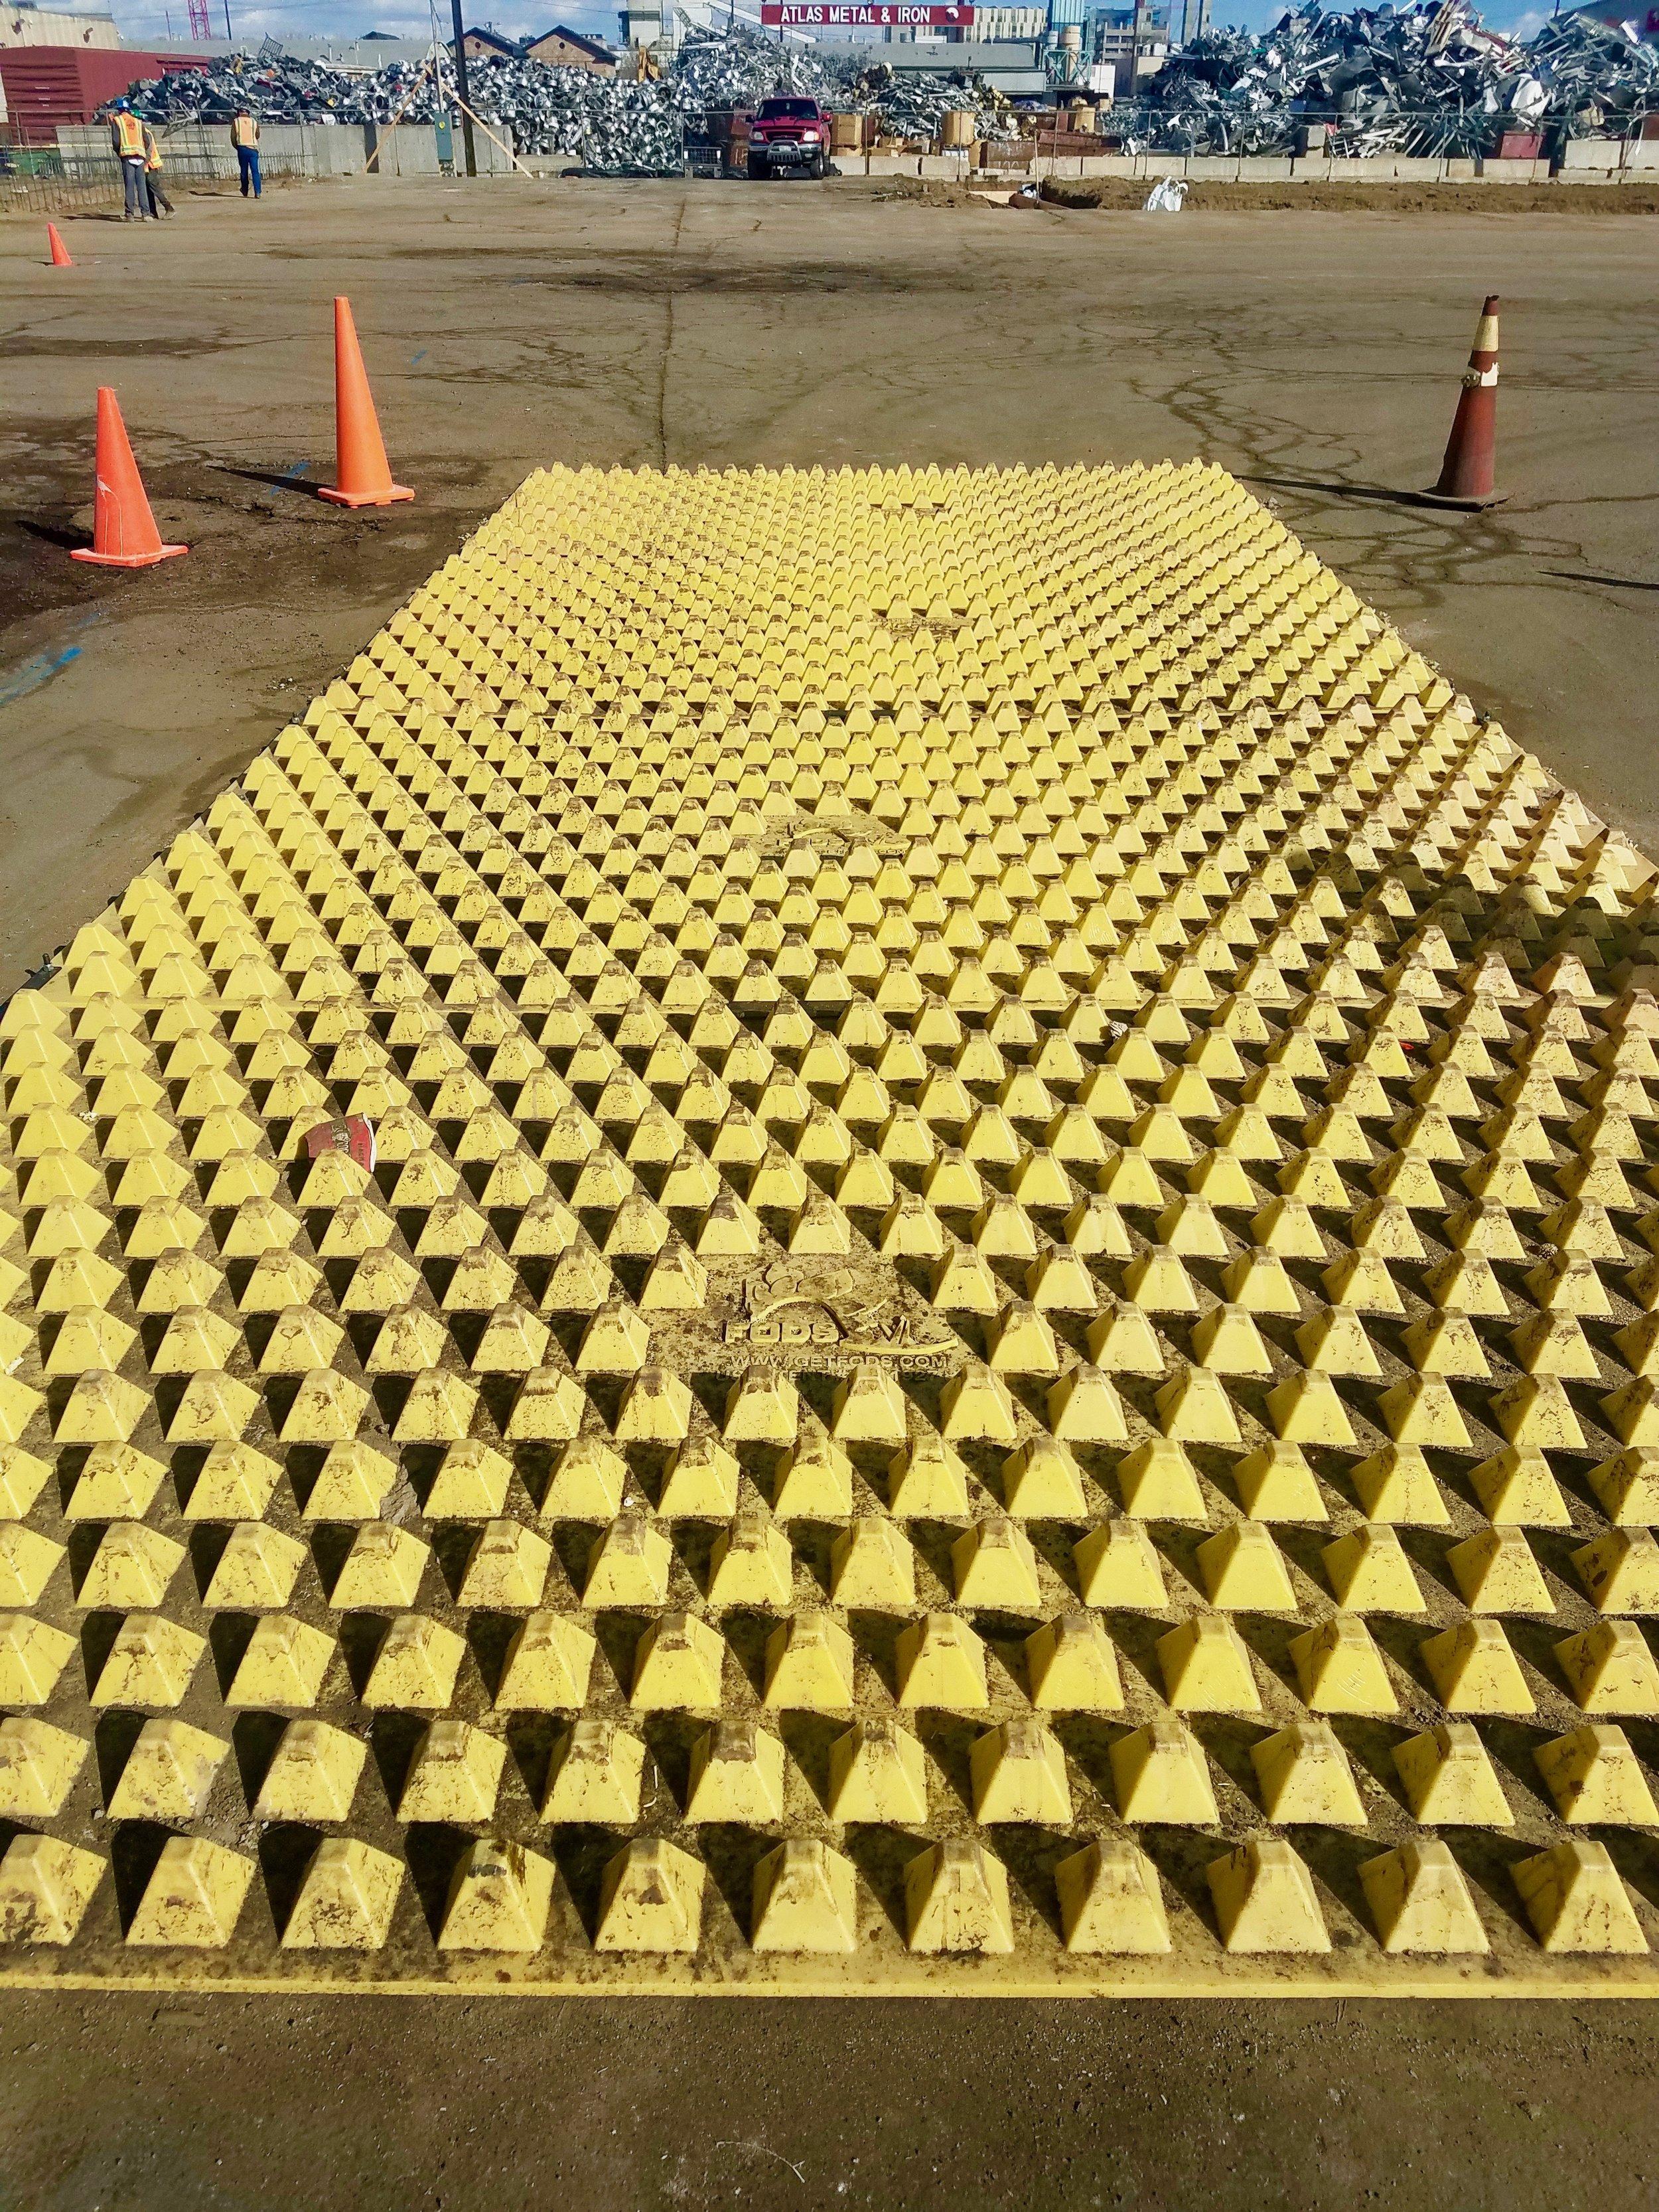 FODS_STABILIZED_CONSTRUCTION_ENTRANCE_rock-less_construction_entrance_track_out_control_Vehicle_Trackout_Control_Vehicle_Track-out_Control_VTC_rip-rap_CDOT_construction_entrance_Colorado_Construction_entrance_asphalt_4.jpg